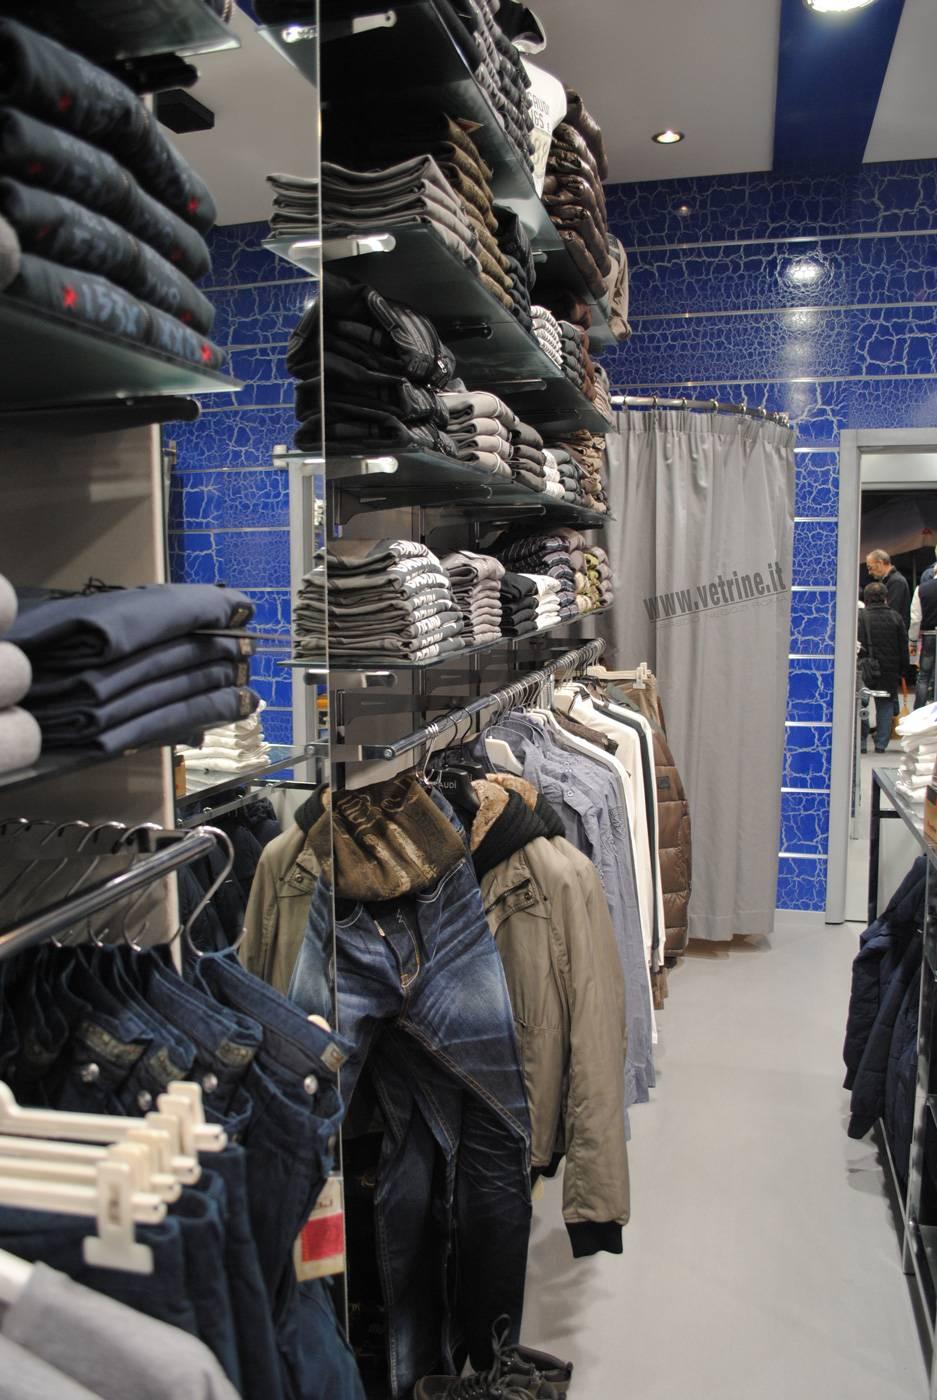 arredamento negozio abbigliamento uomo / donna contromano | made ... - Arredamento Negozio Abbigliamento Roma